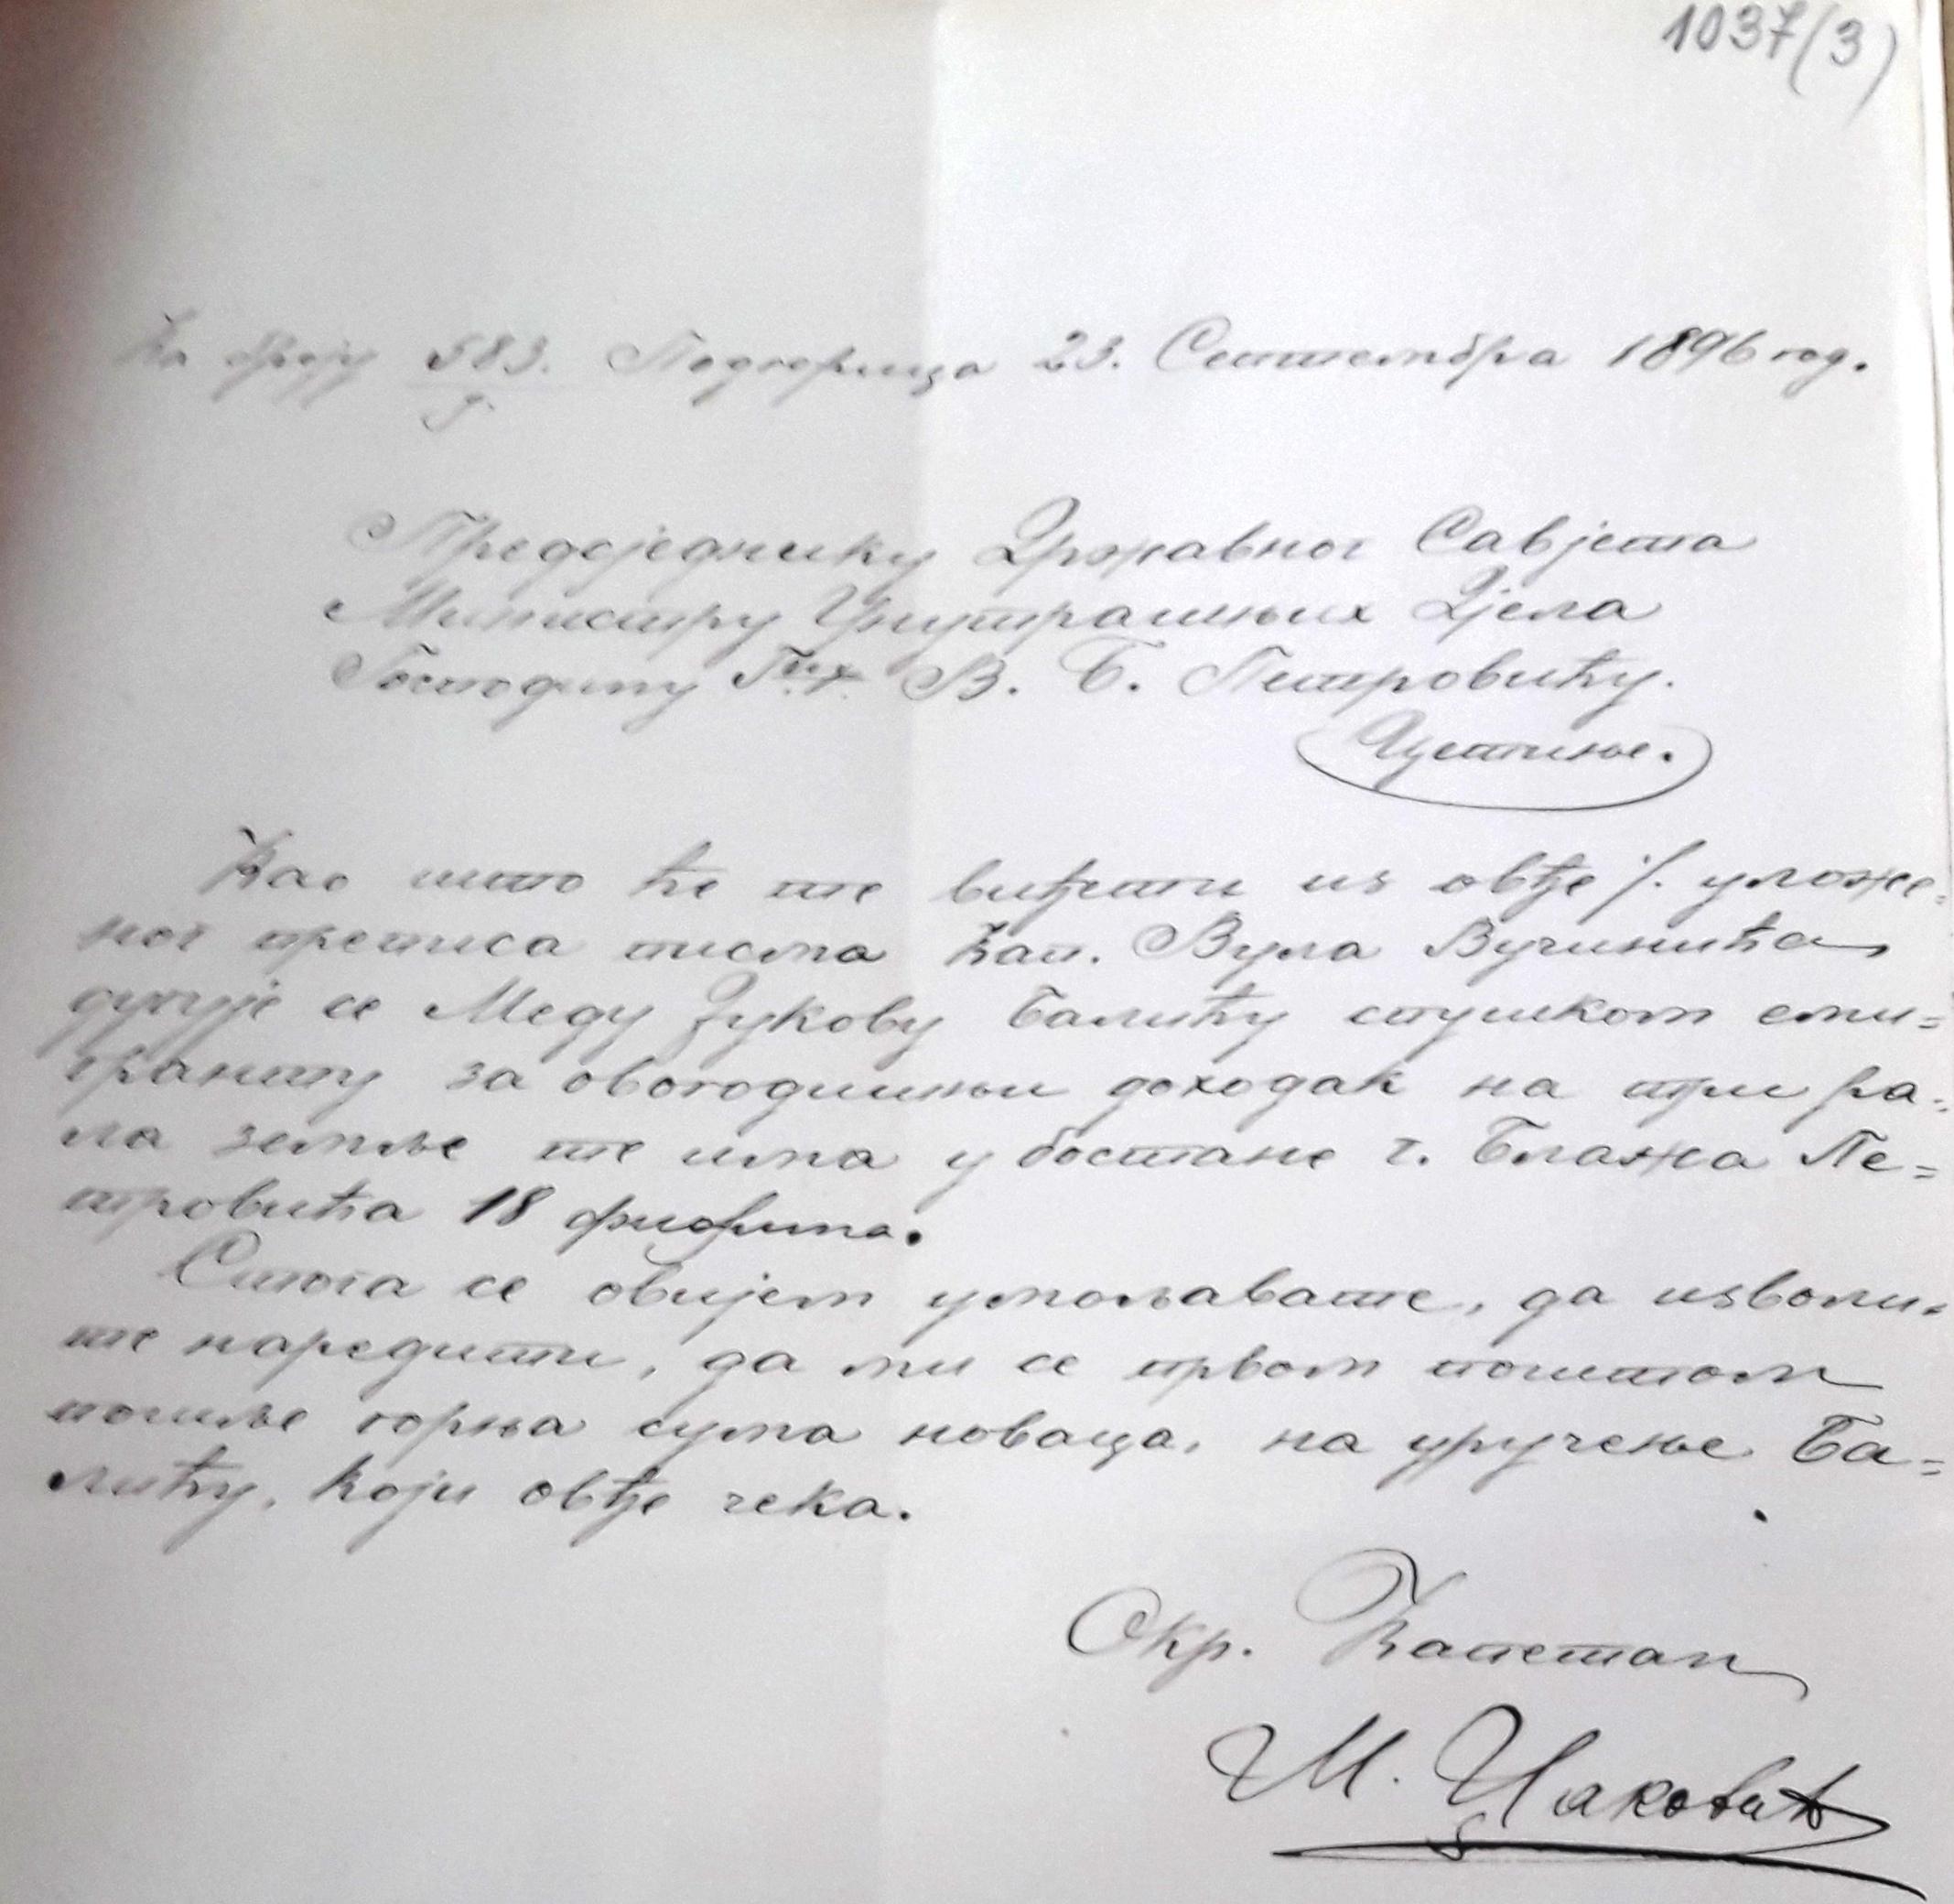 13. Okružni kapetan podgorički traži dozvolu za isplatu duga sa zemlje Medu Jukovu Baliću, septembar 1896.